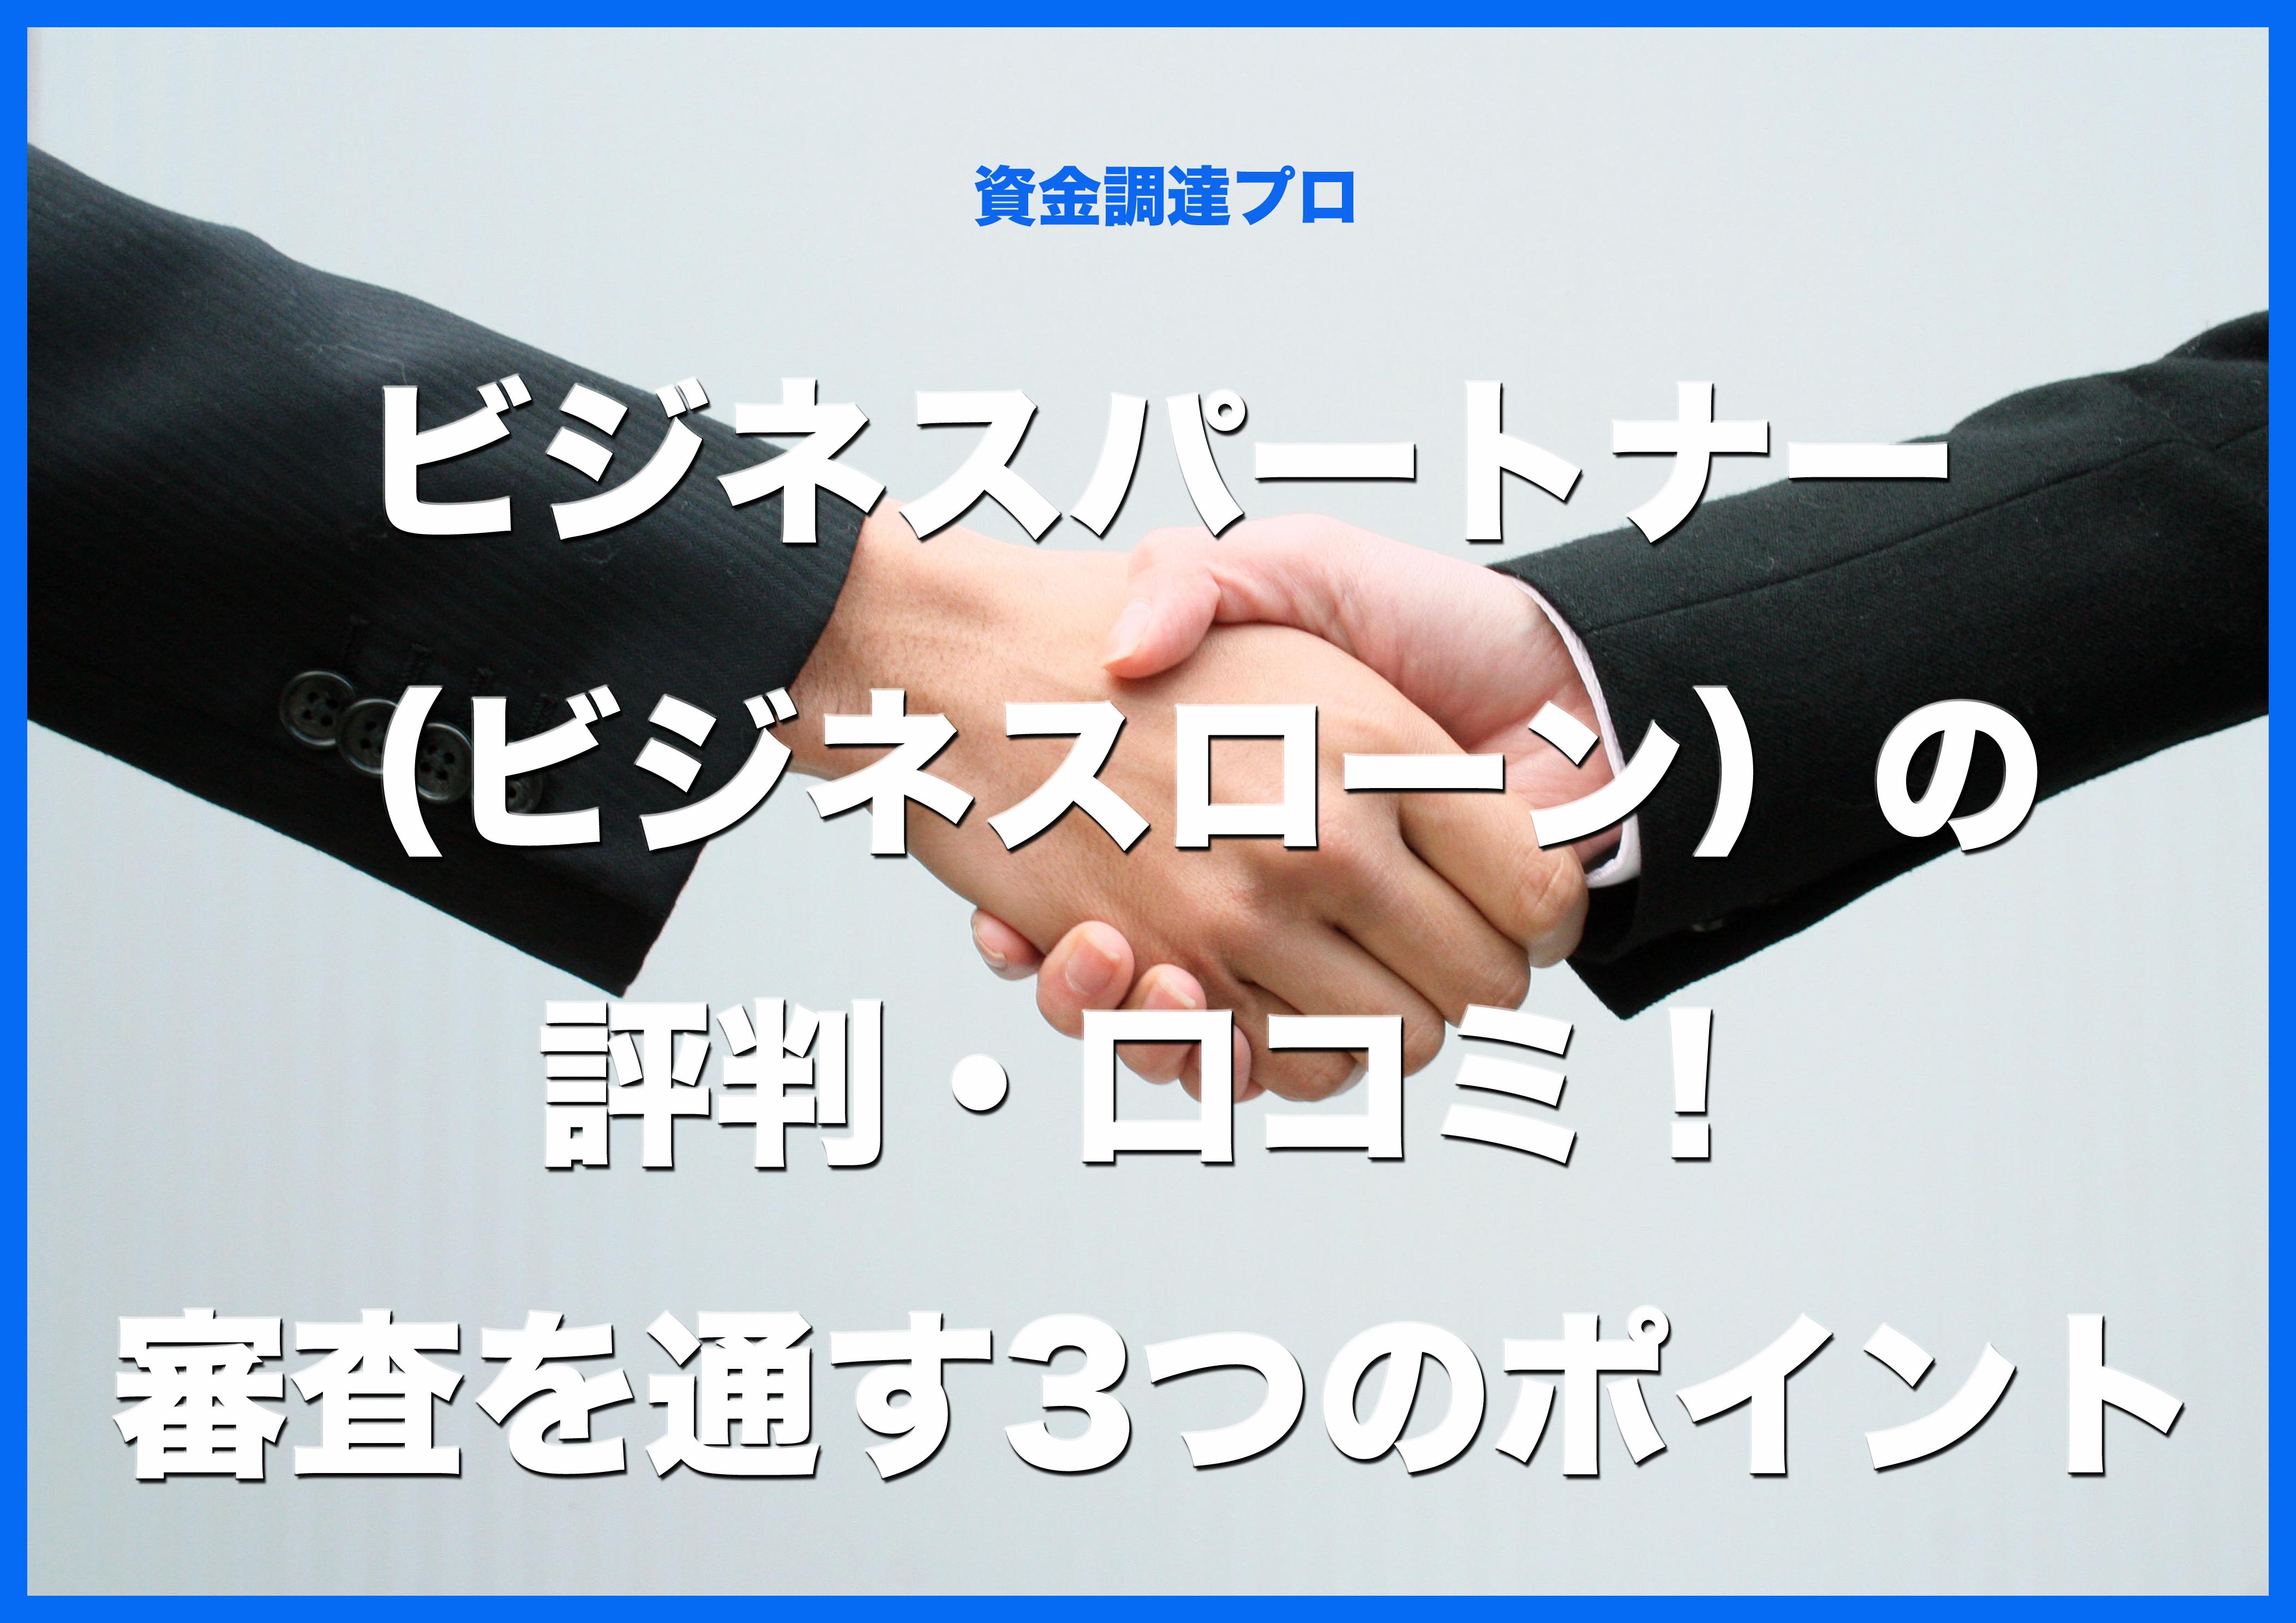 ビジネスパートナー(ビジネスローン)の評判・口コミ!審査を通す3つのポイント